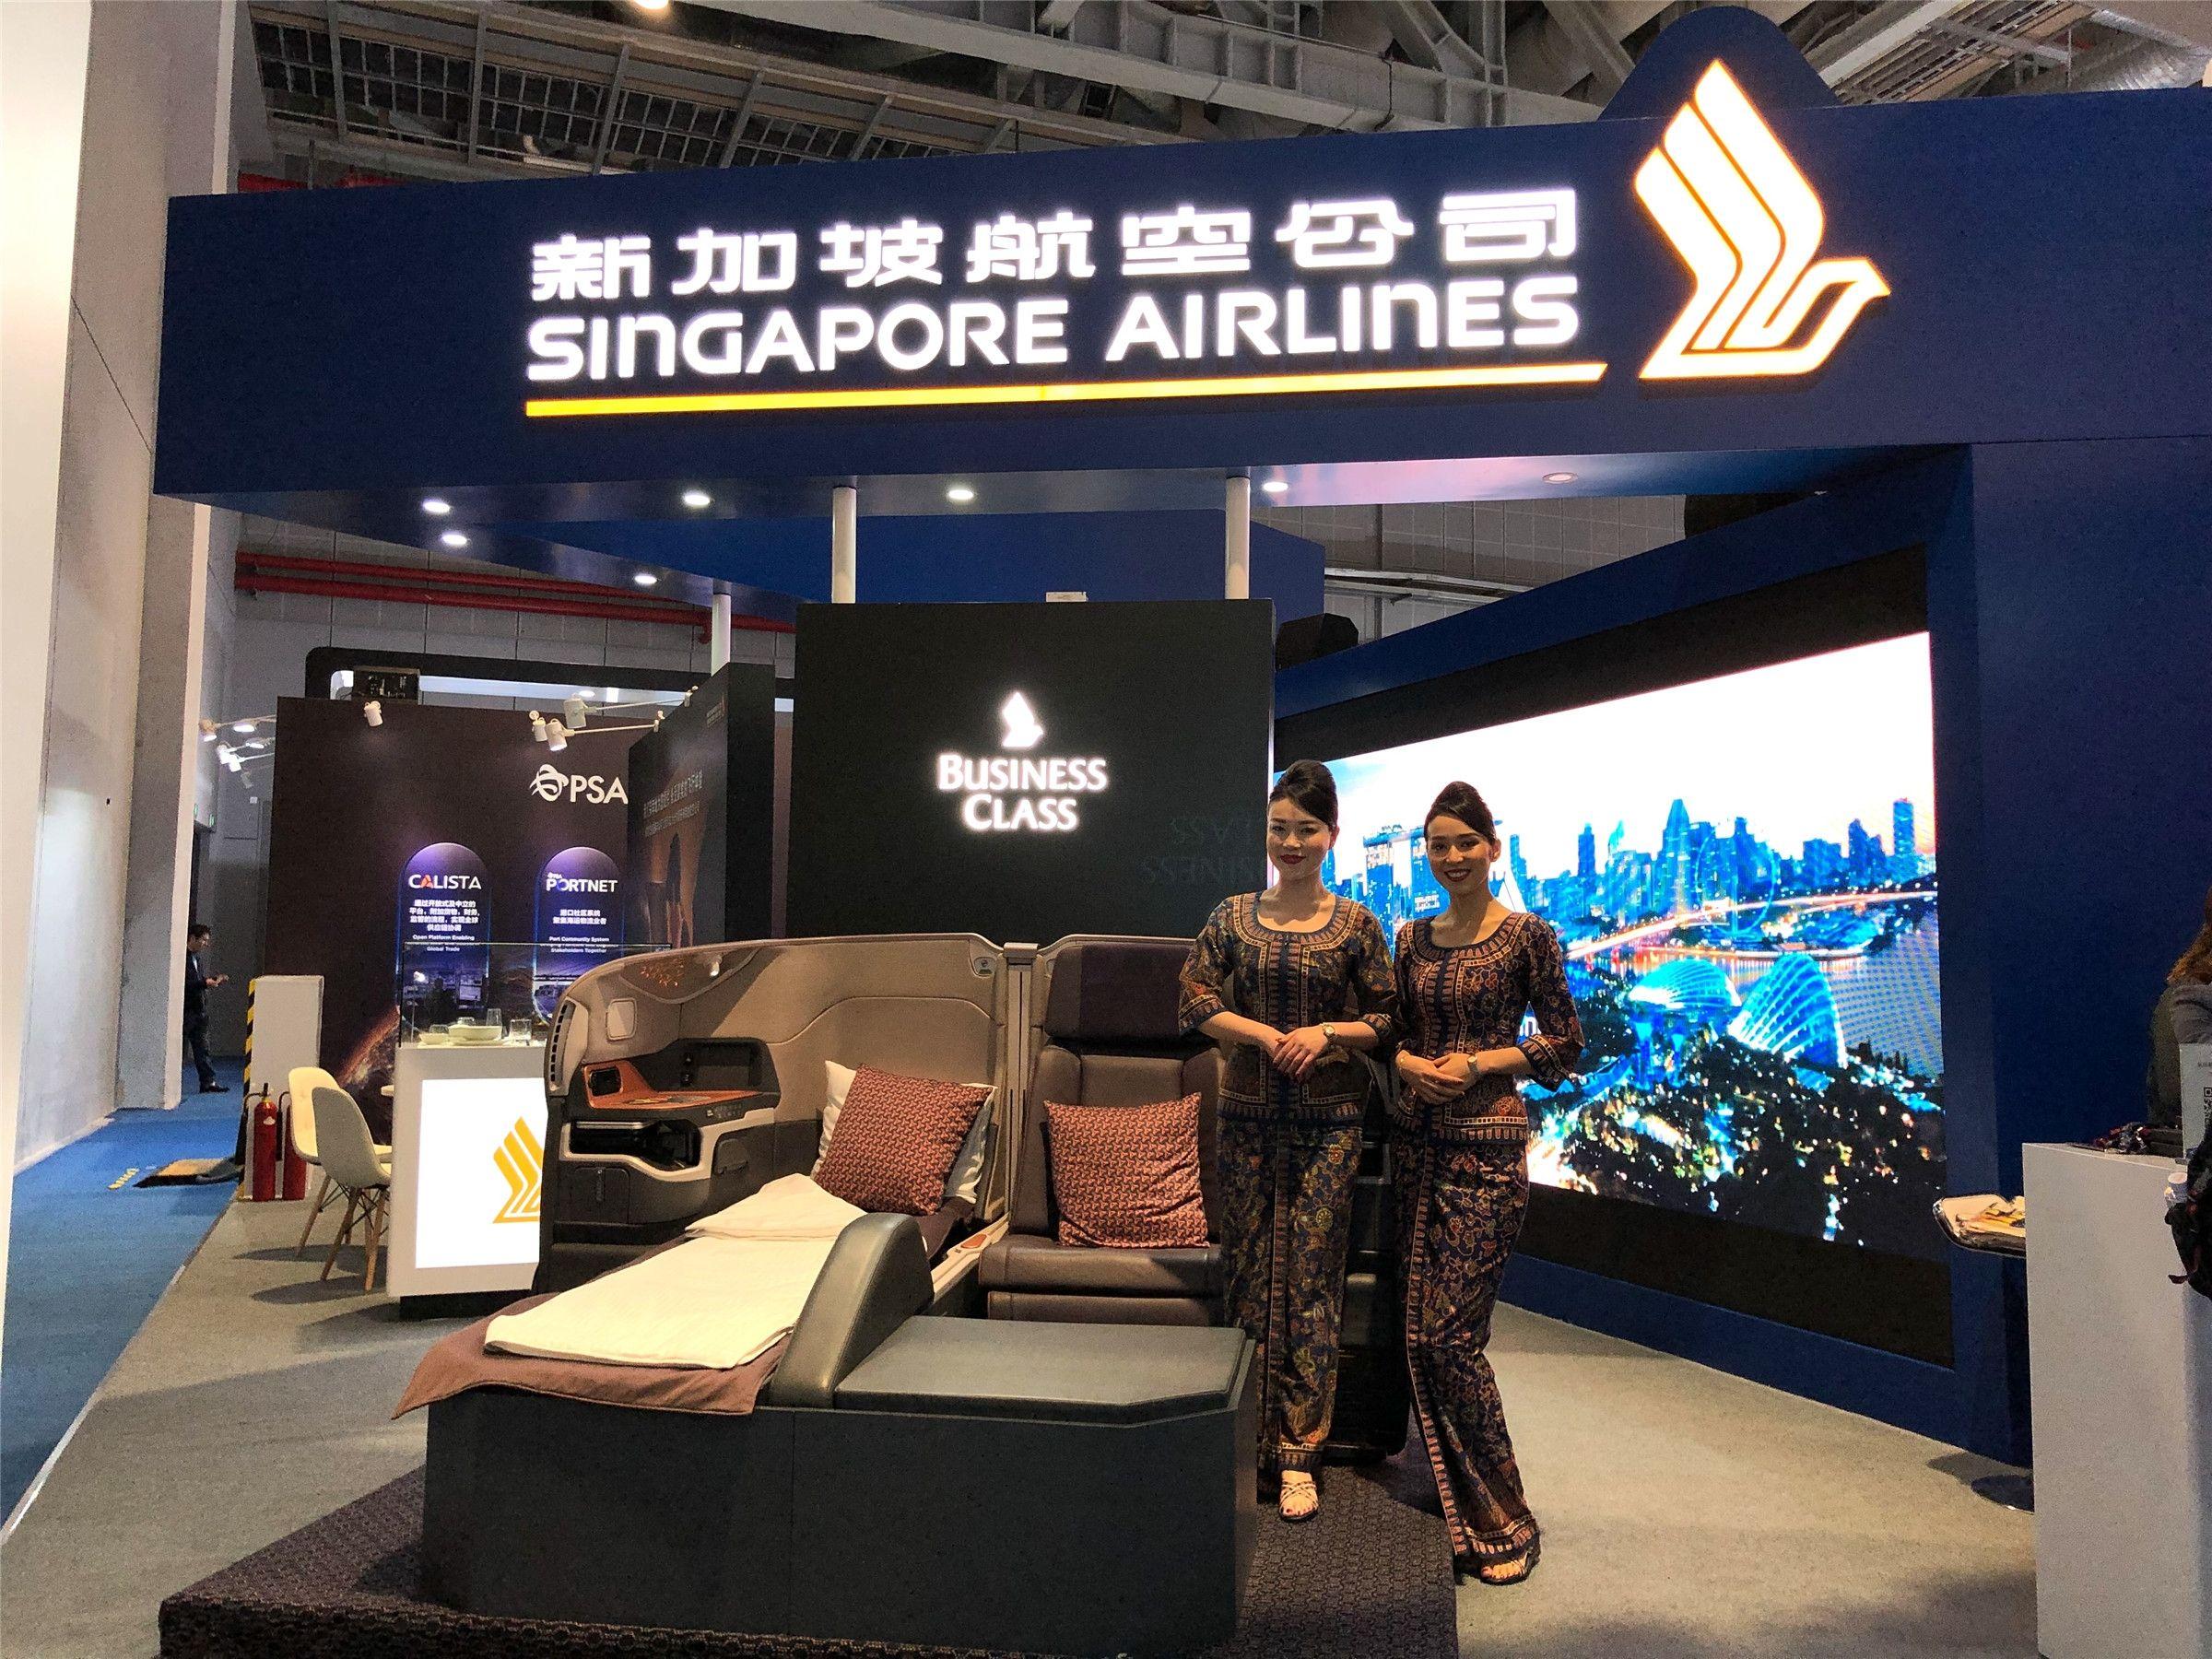 新加坡航空全新商务舱客舱产品亮相中国进博会